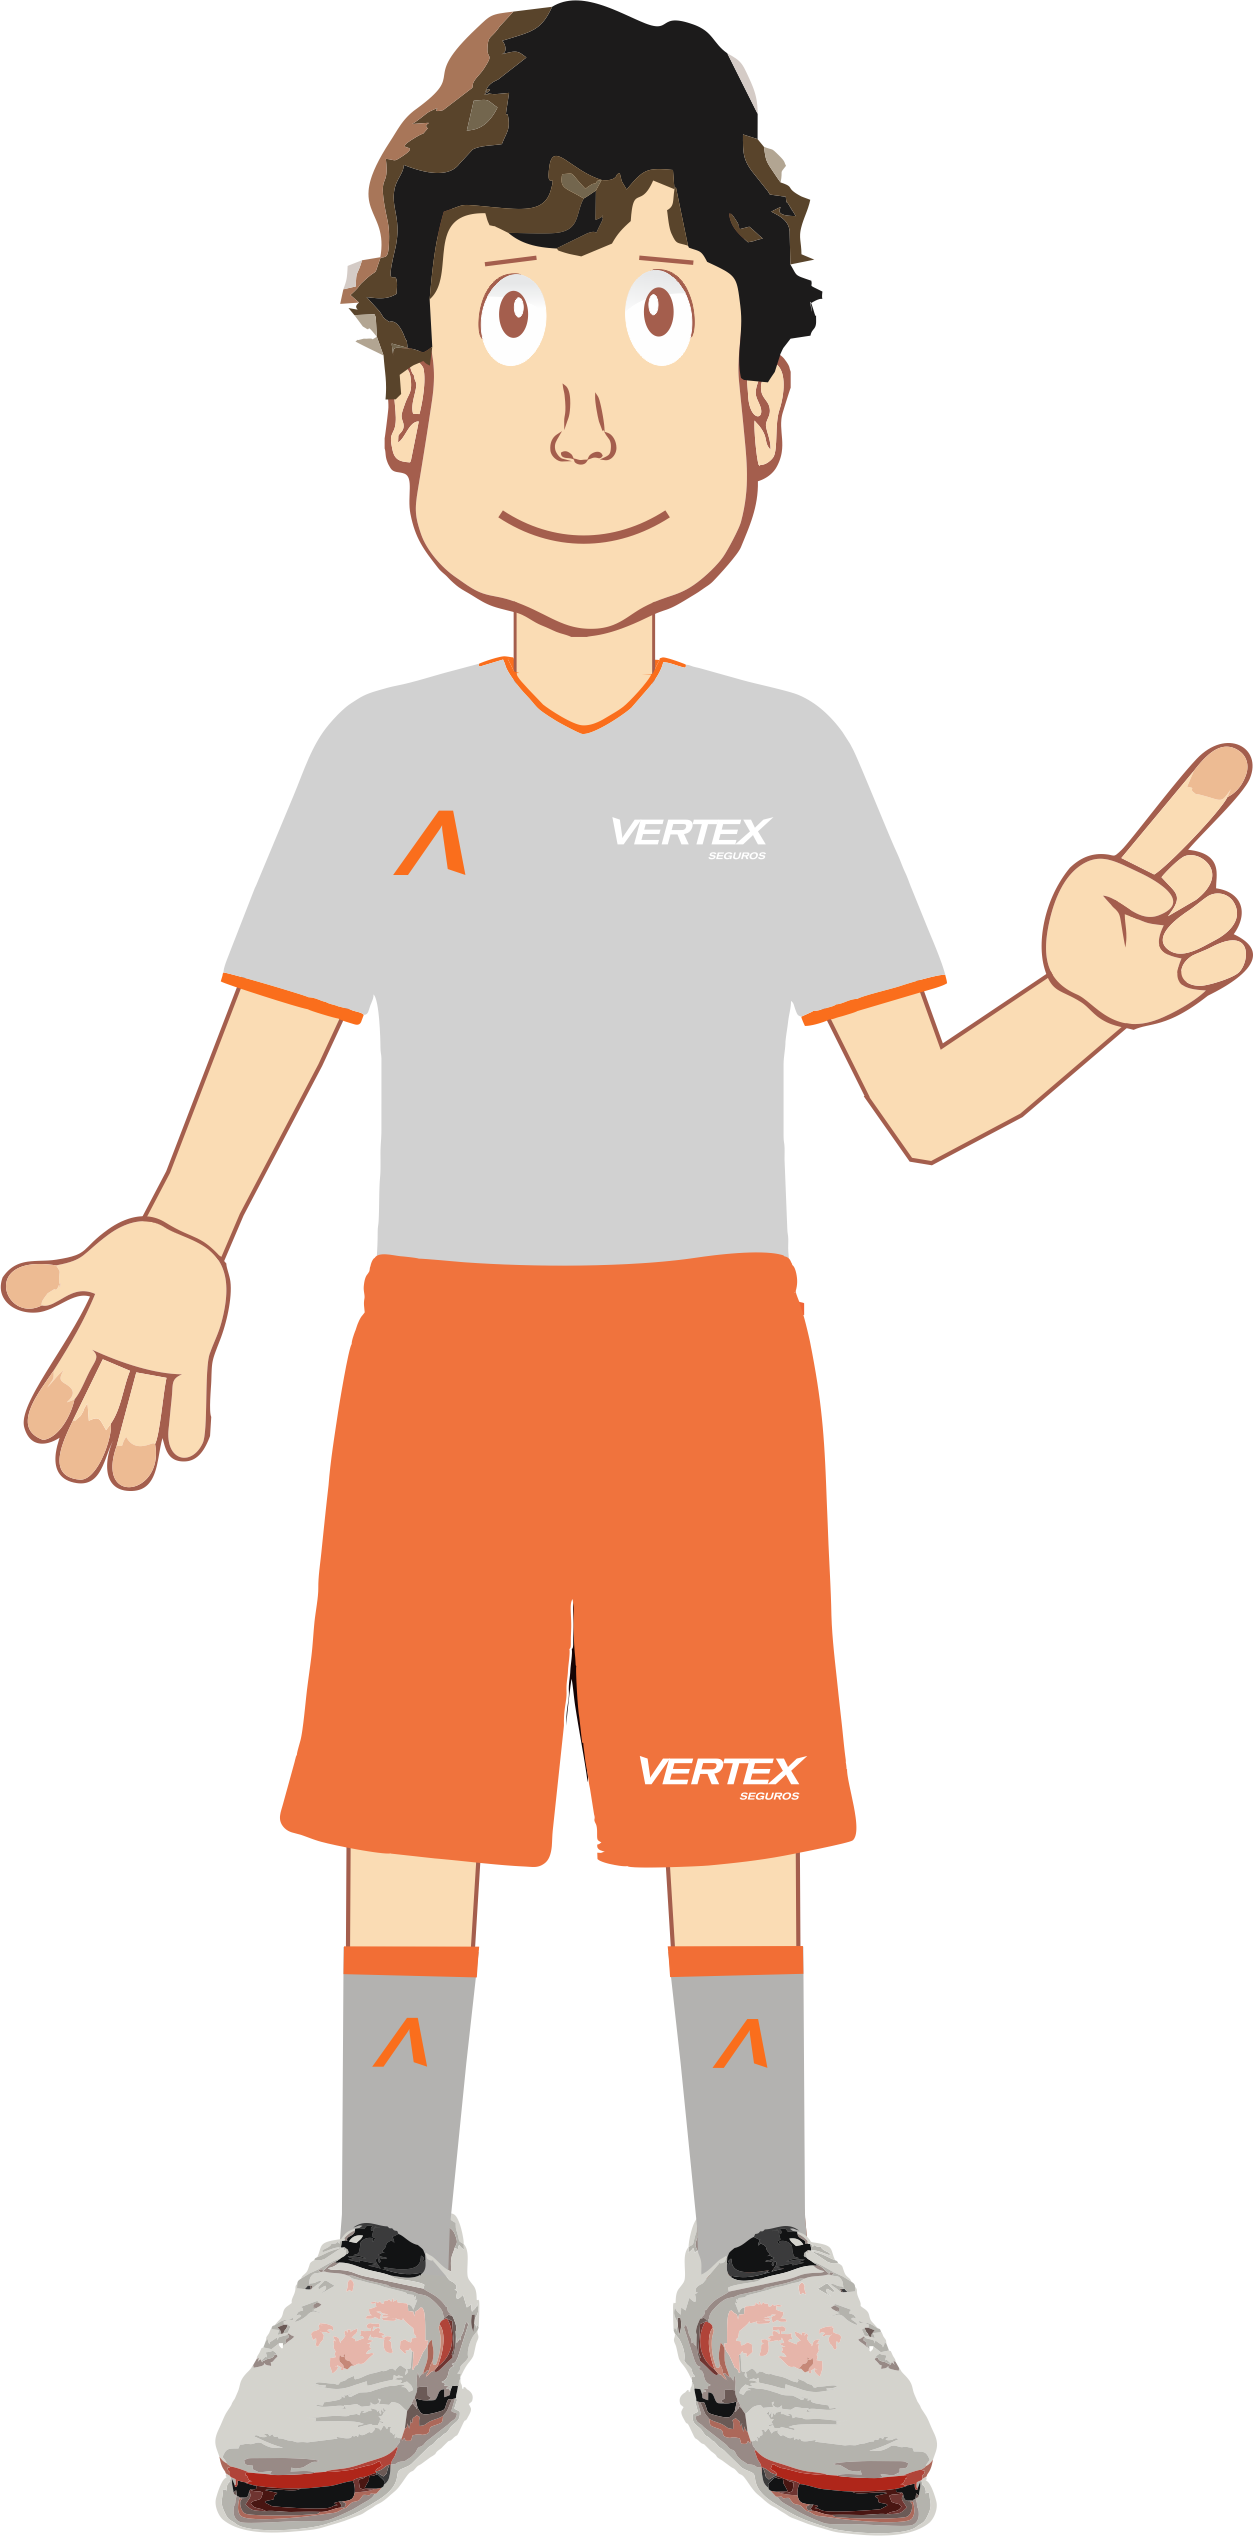 Mascote criado para anunciar as Ações da SVS - Seleção Vertex Seguros durante.